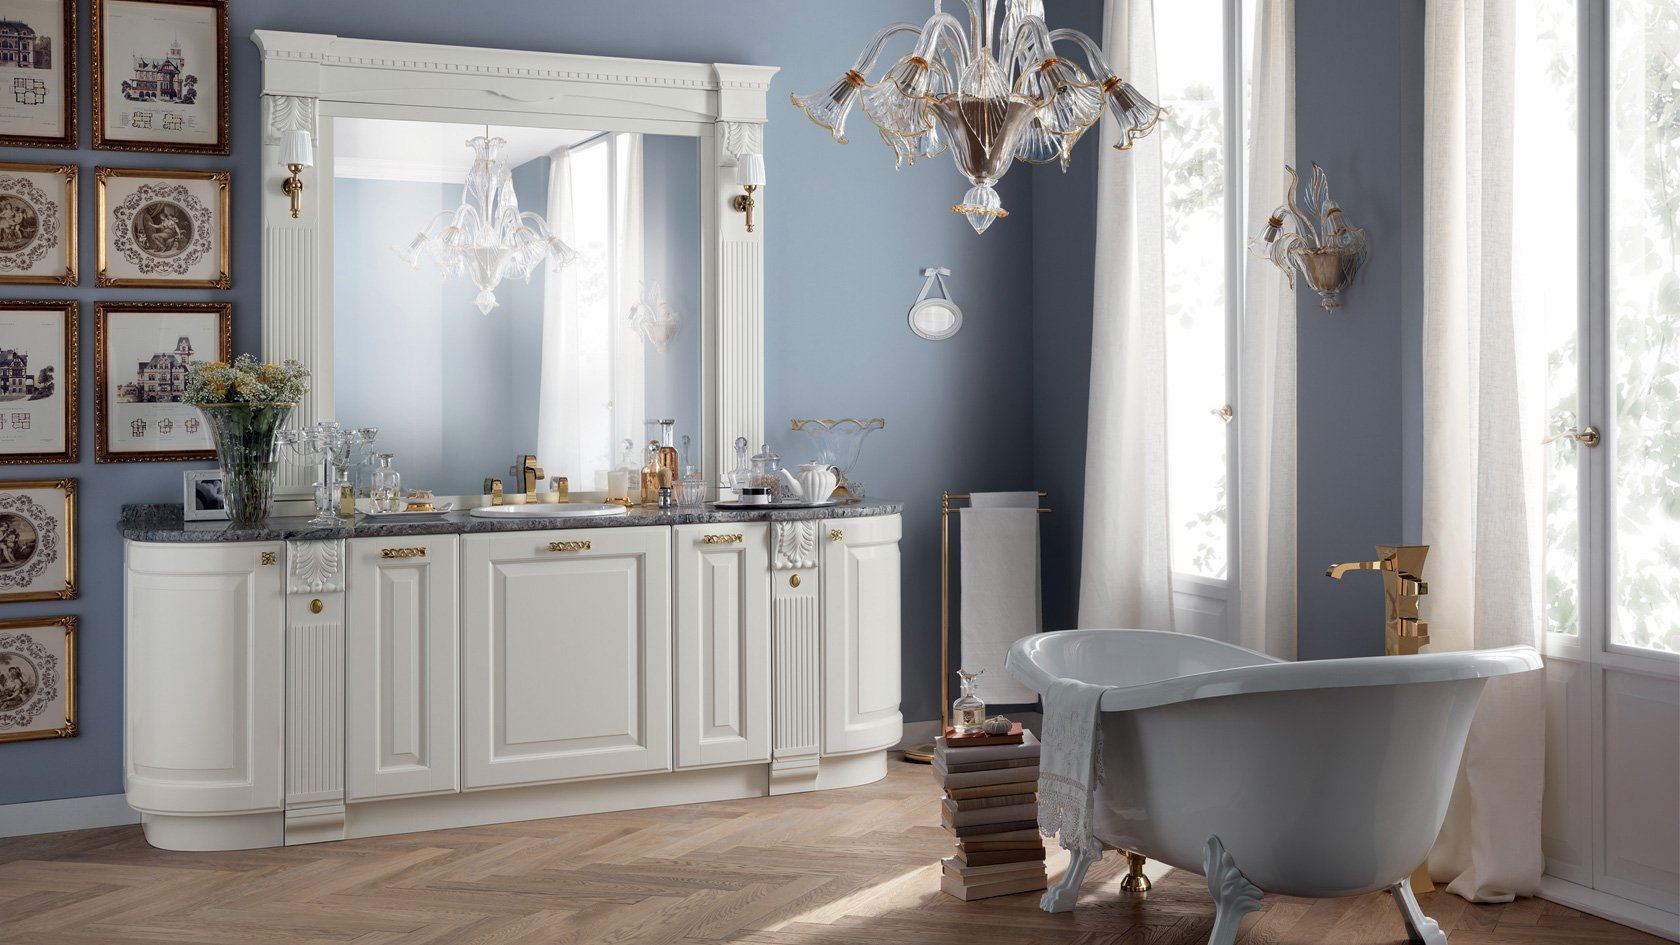 Scavolini arredo per il bagno ed il living non solo cucina - Non solo bagno milazzo ...